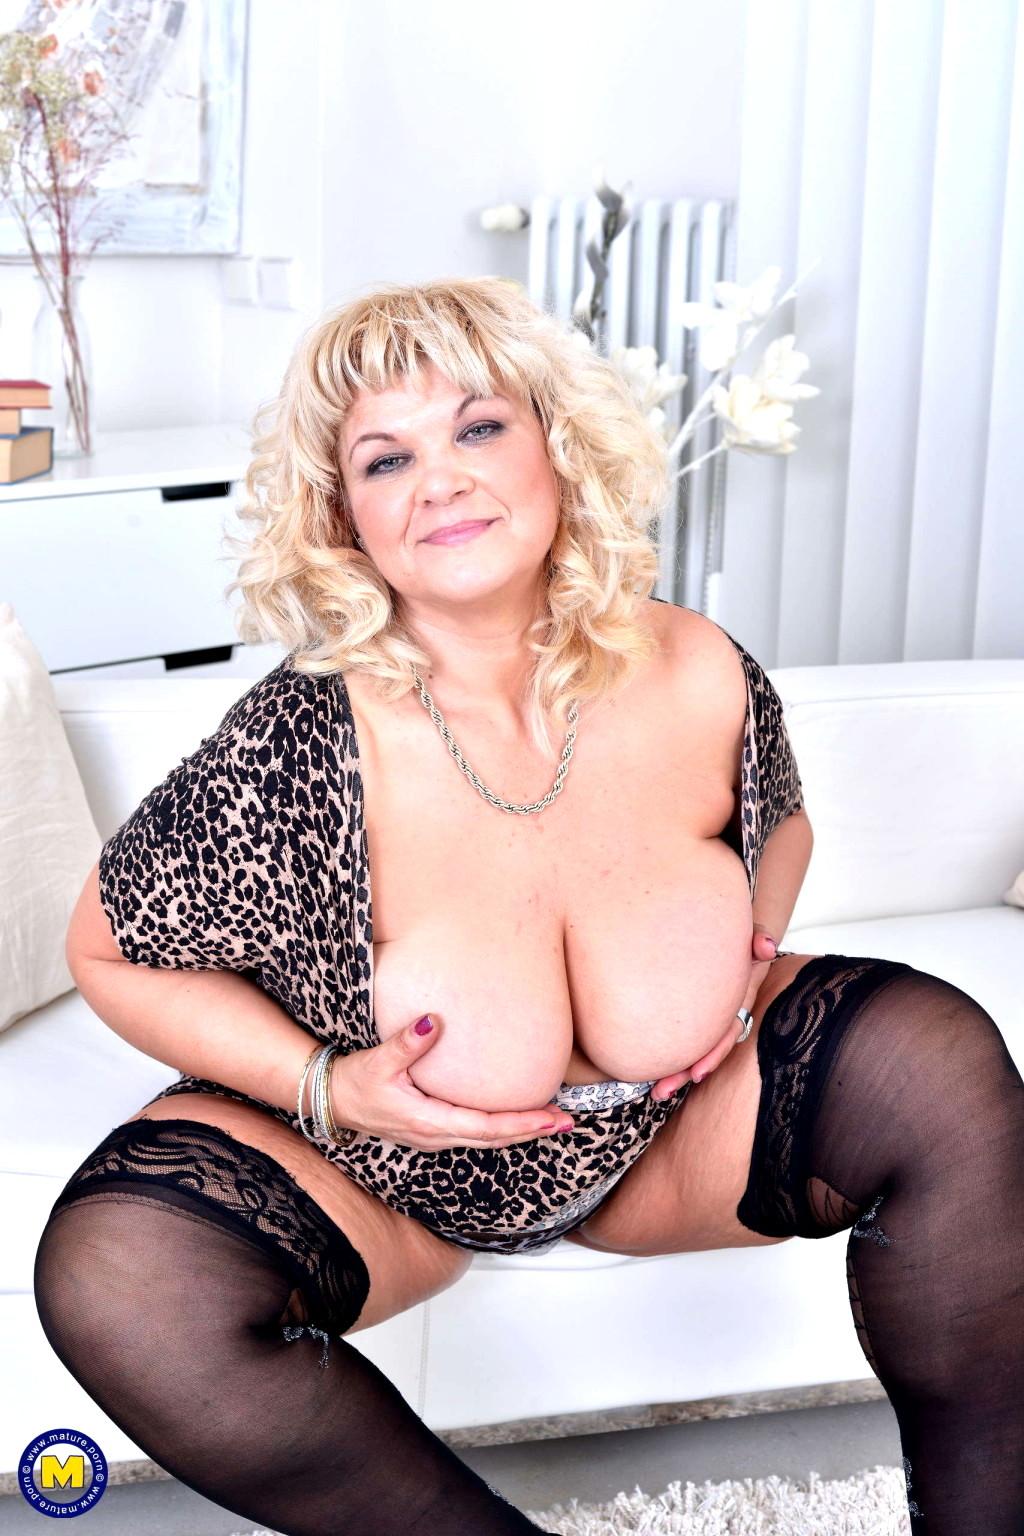 Latina mature sex pics-4455